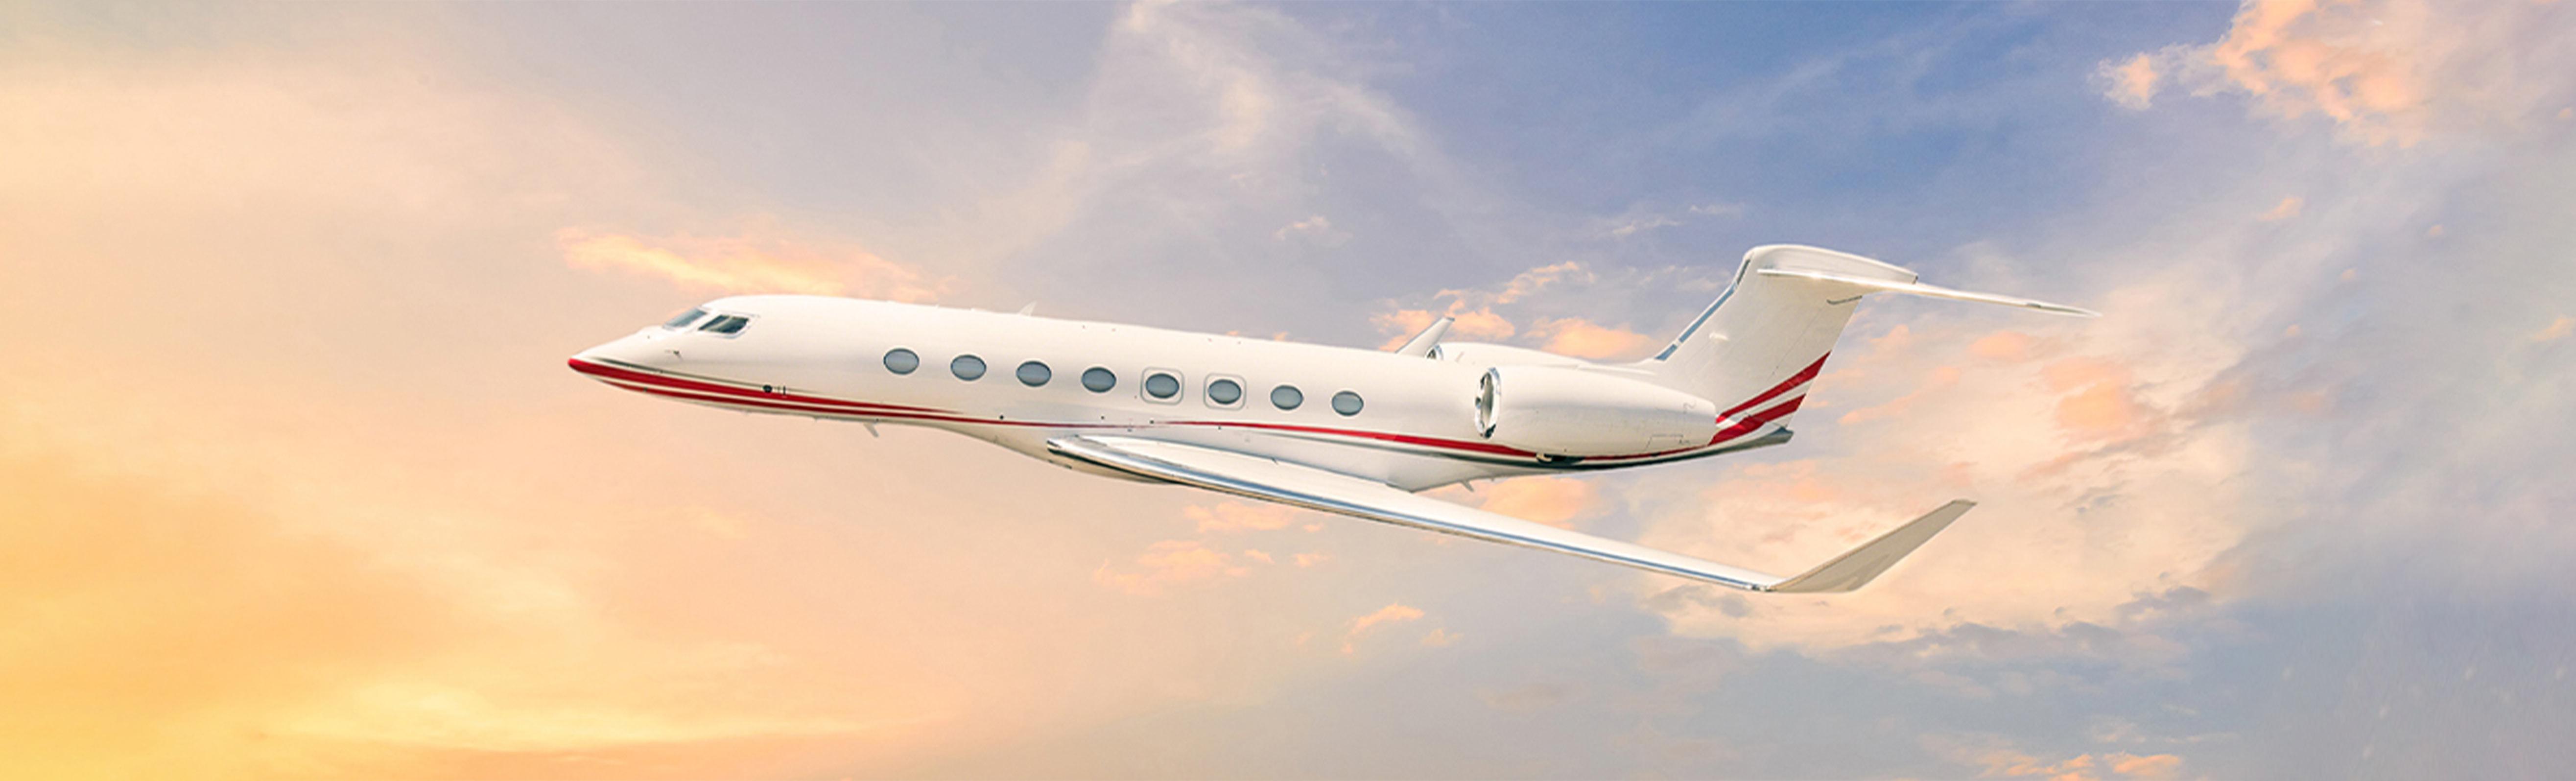 三架新飛機助力TAG航空的歐洲業務